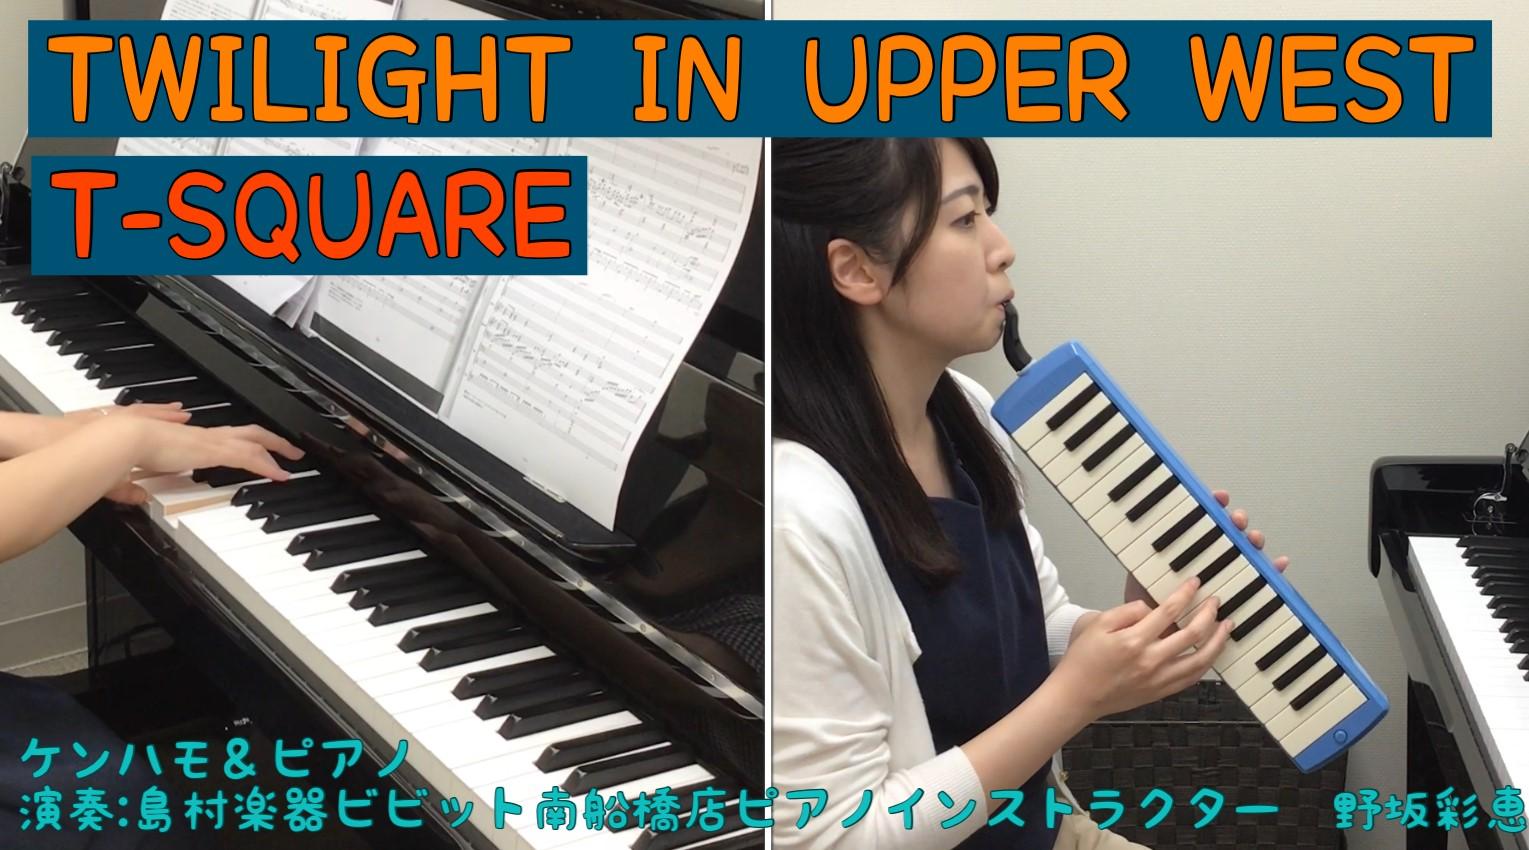 島村楽器 南船橋 鍵盤ハーモニカ ケンハモ ケンハモ女子 演奏動画 TWILIGHT IN UPPER WEST